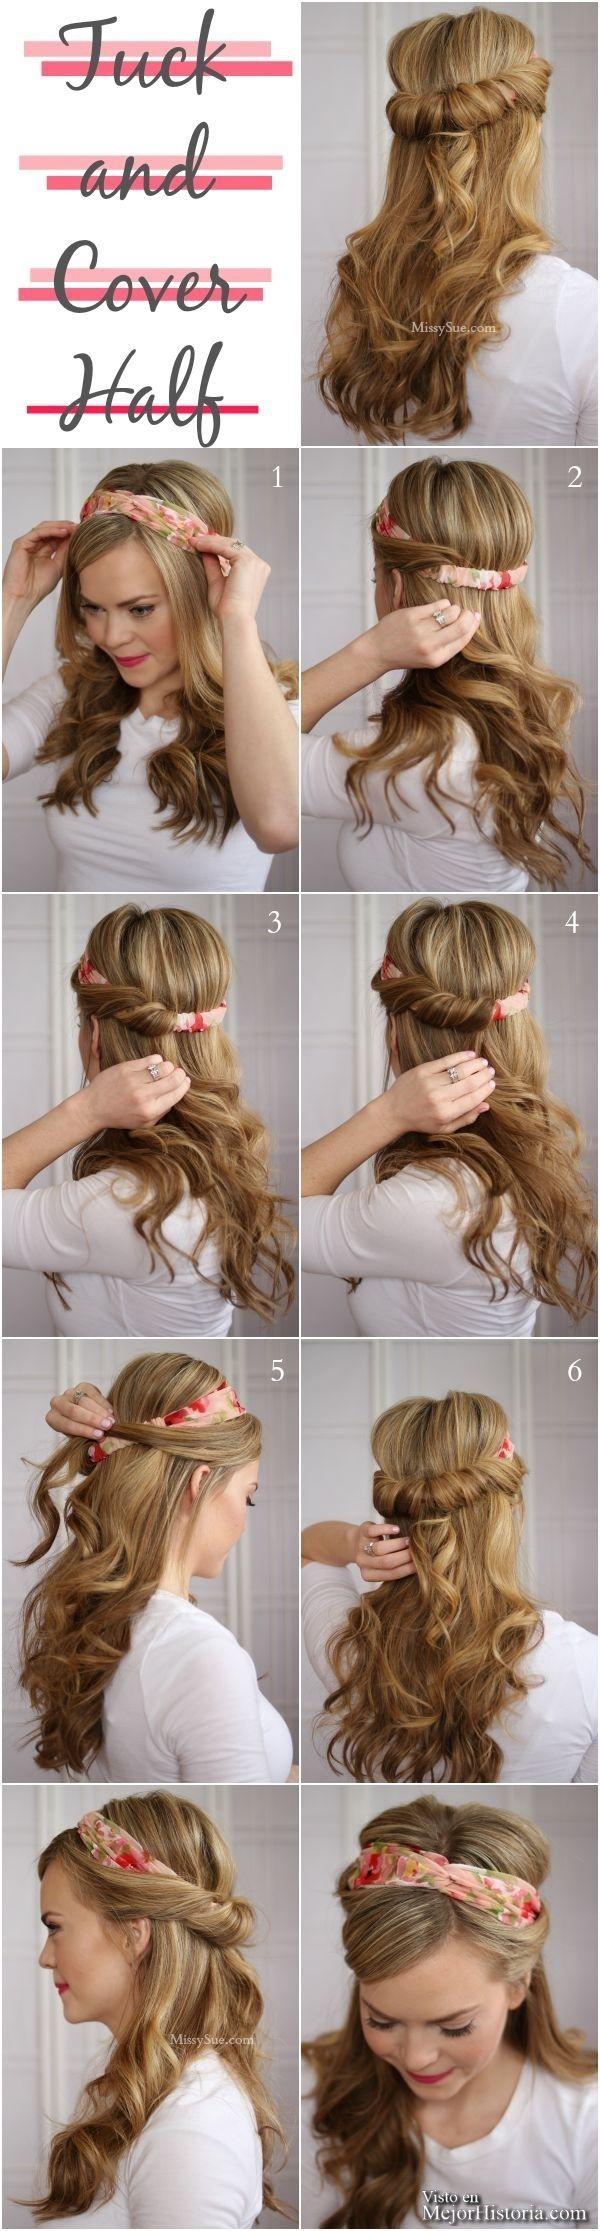 Peinados rapidos y faciles mejor historia belleza